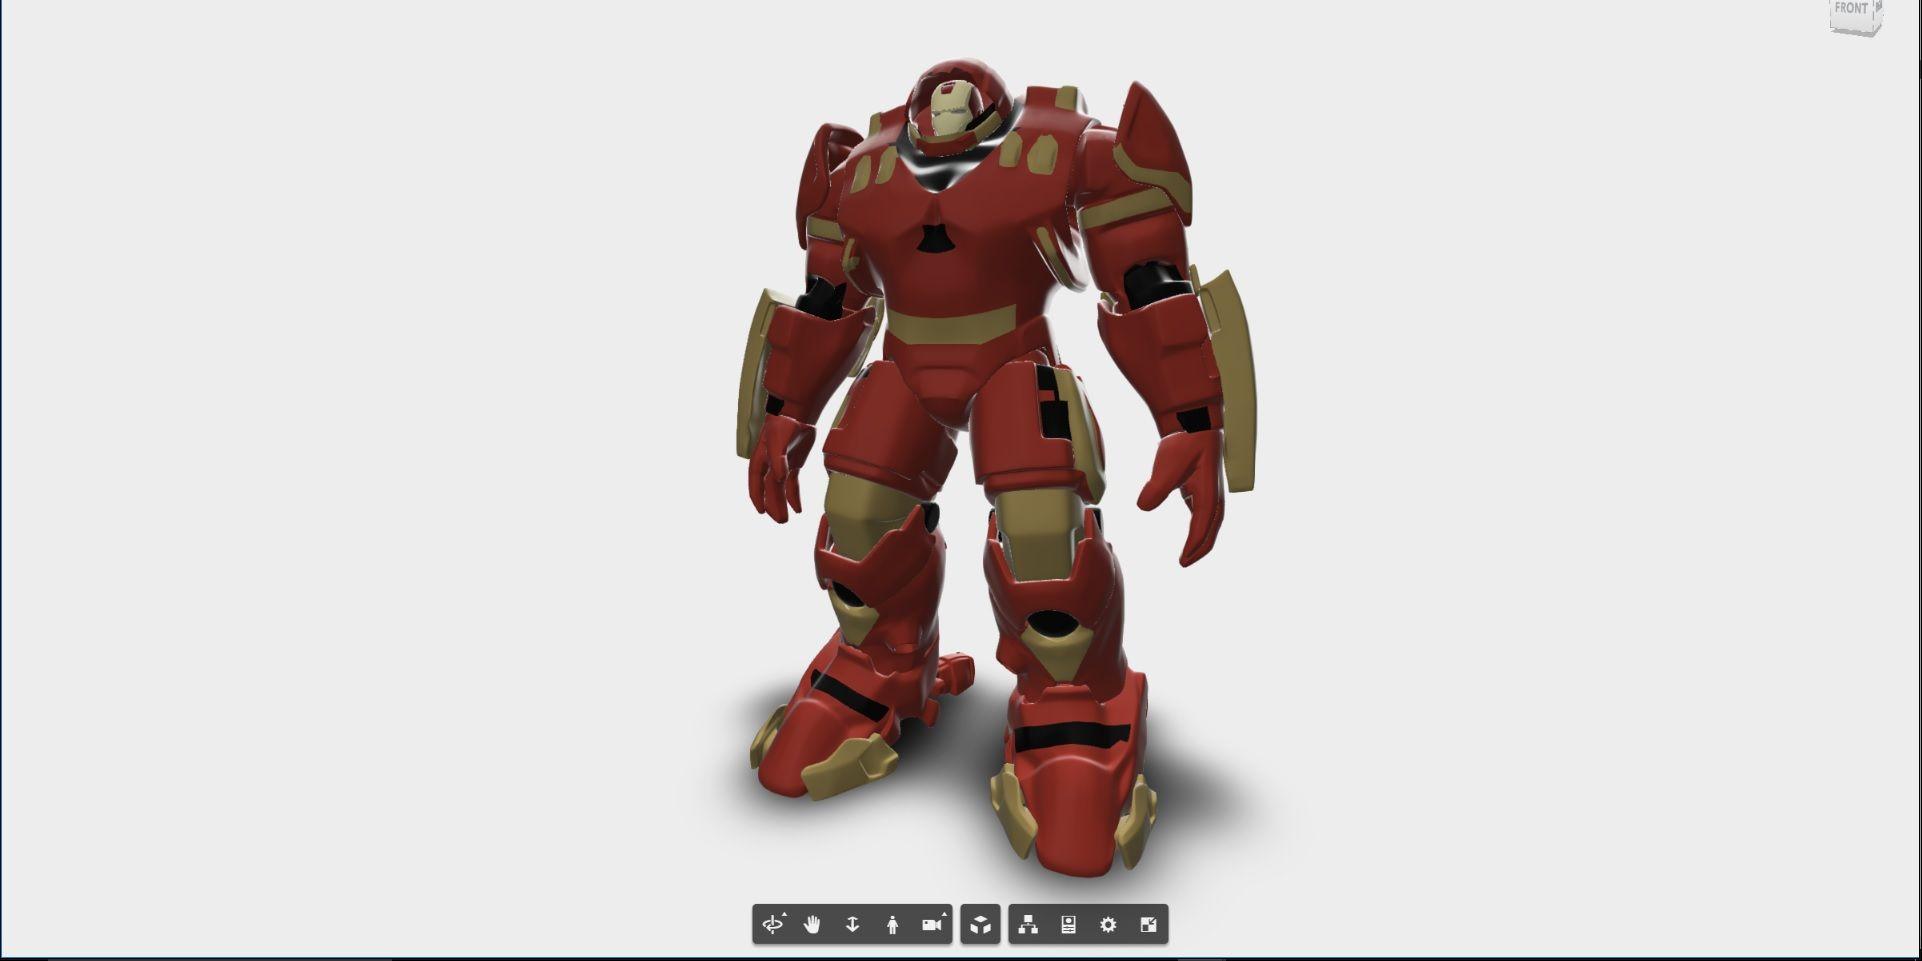 Hulk-1-3500-3500